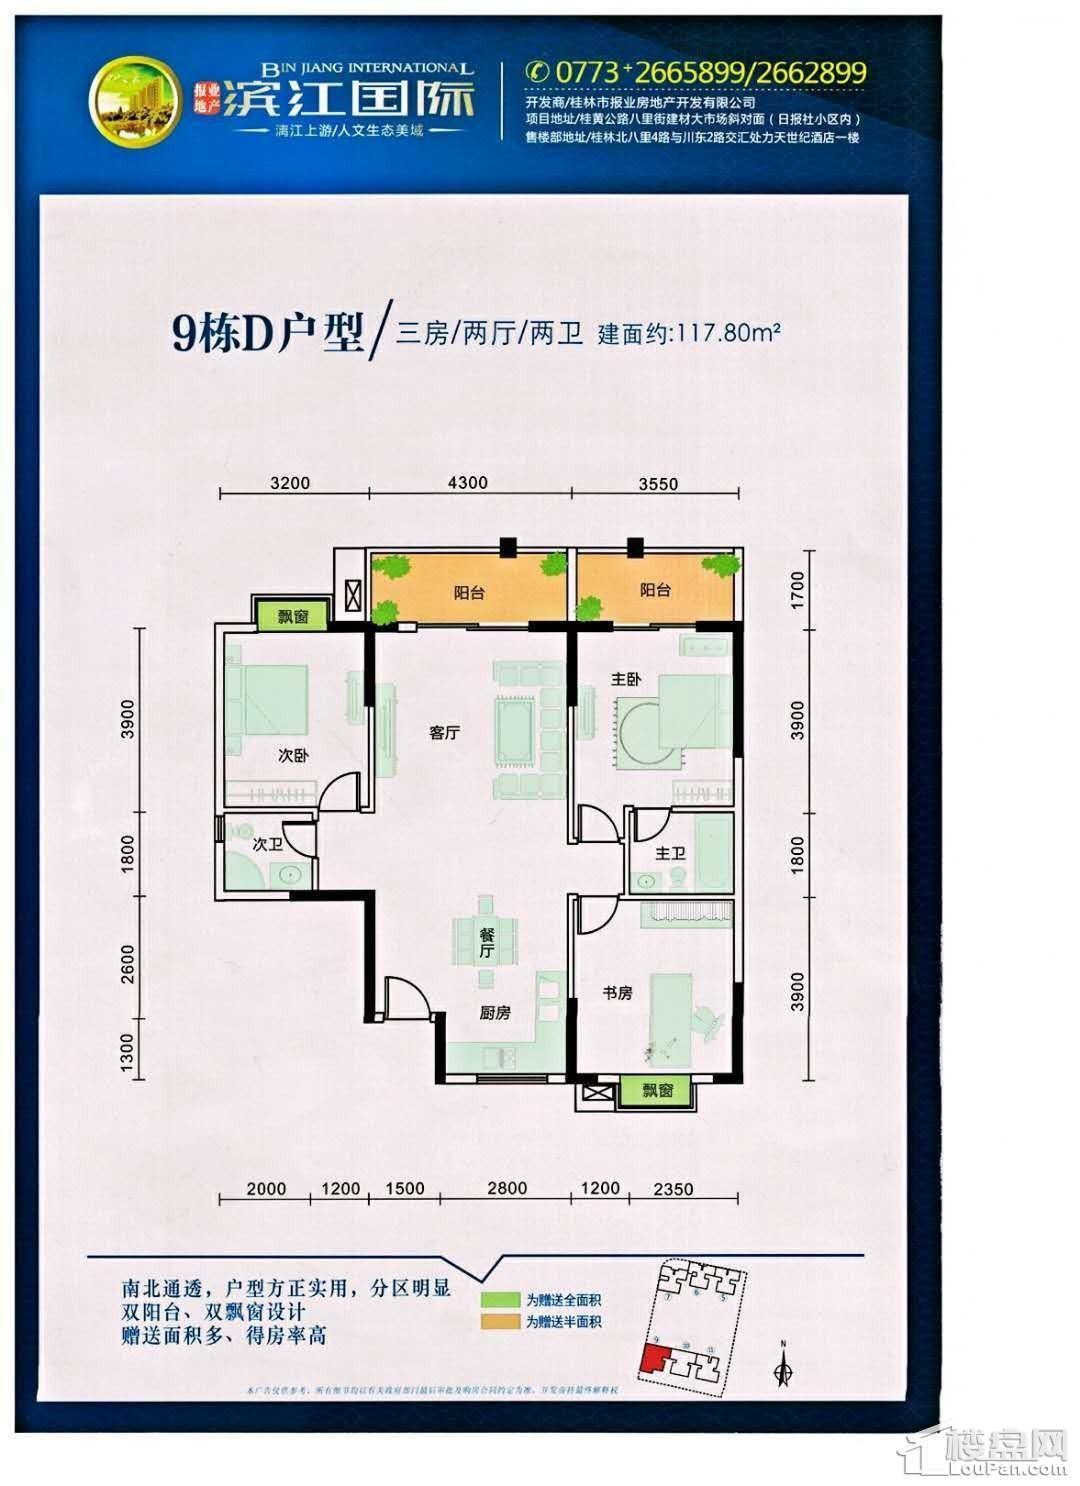 滨江国际桂林日报社小区 -9#D户型